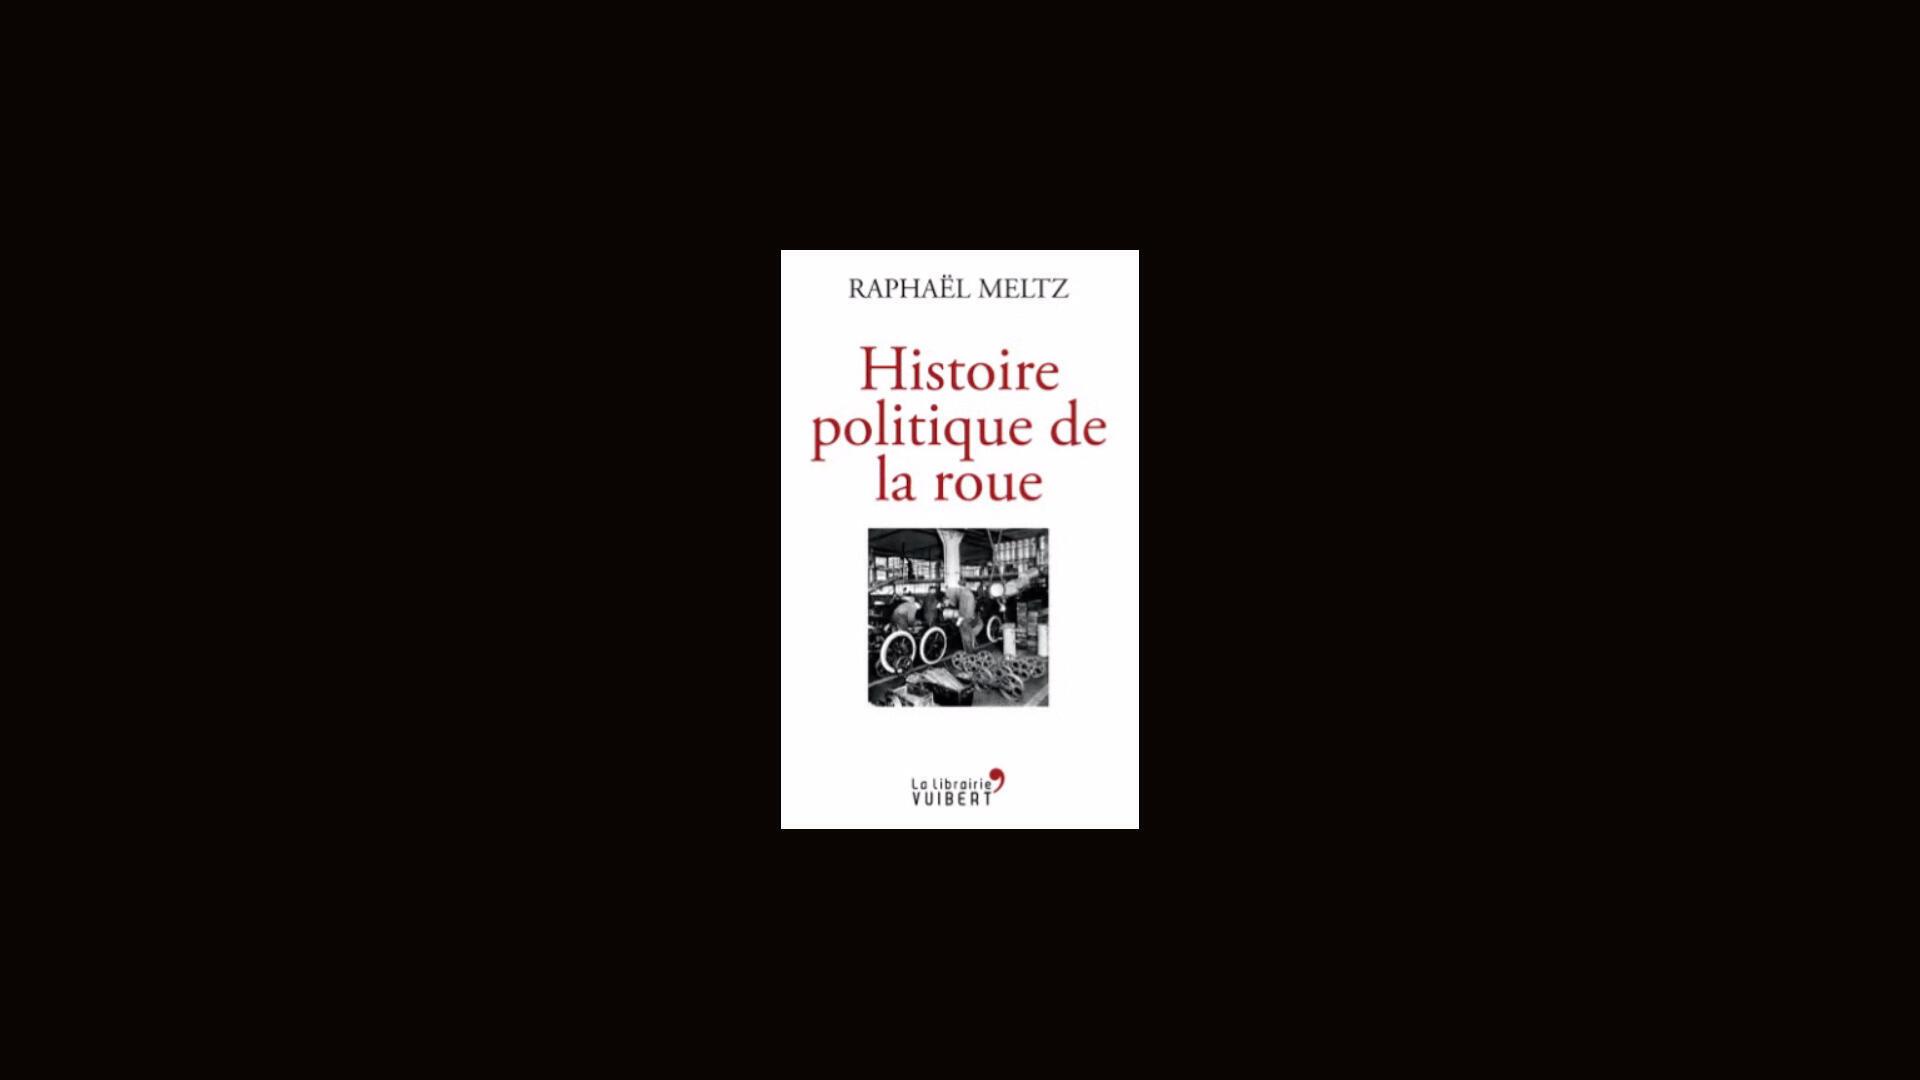 Histoire politique de la roue.